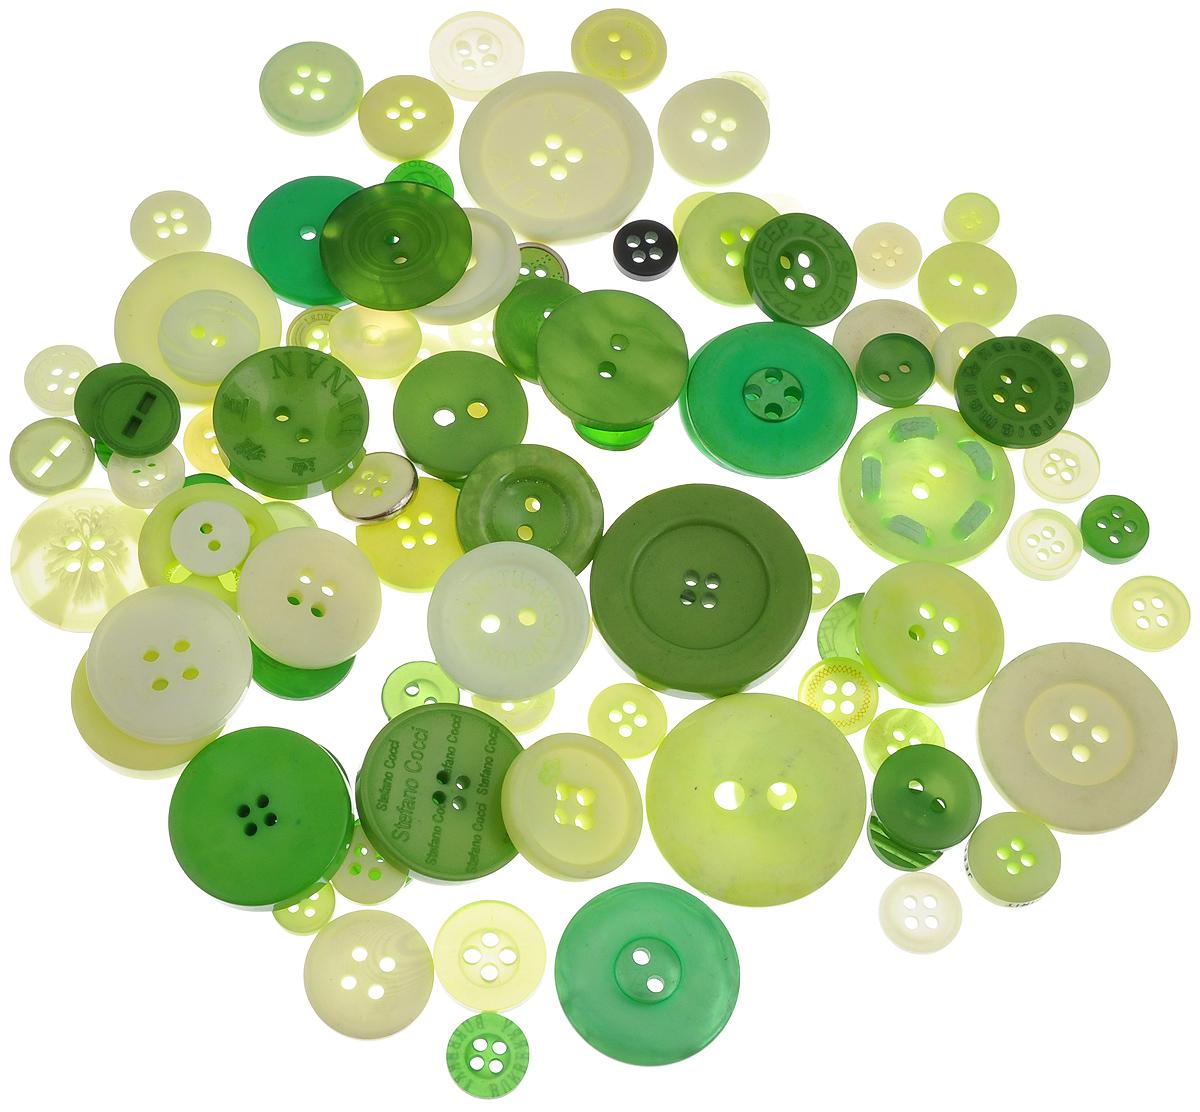 Пуговицы декоративные Buttons Galore & More Color Blends, цвет: лайм, 85 г. 77088797708879_ЛаймНабор пуговиц для творчества и декорирования одежды Buttons Galore & More Color Blends изготовлен из высококачественного пластика. В набор входят пуговицы различных размеров и с разным количеством отверстий. Такие пуговицы подходят для любых видов творчества: скрапбукинга, декорирования, шитья, изготовления кукол, а также для оформления одежды. С их помощью вы сможете украсить открытку, фотографию, альбом, подарок и другие предметы ручной работы. Пуговицы имеют оригинальный и яркий дизайн. Средний диаметр пуговиц: 2 см.